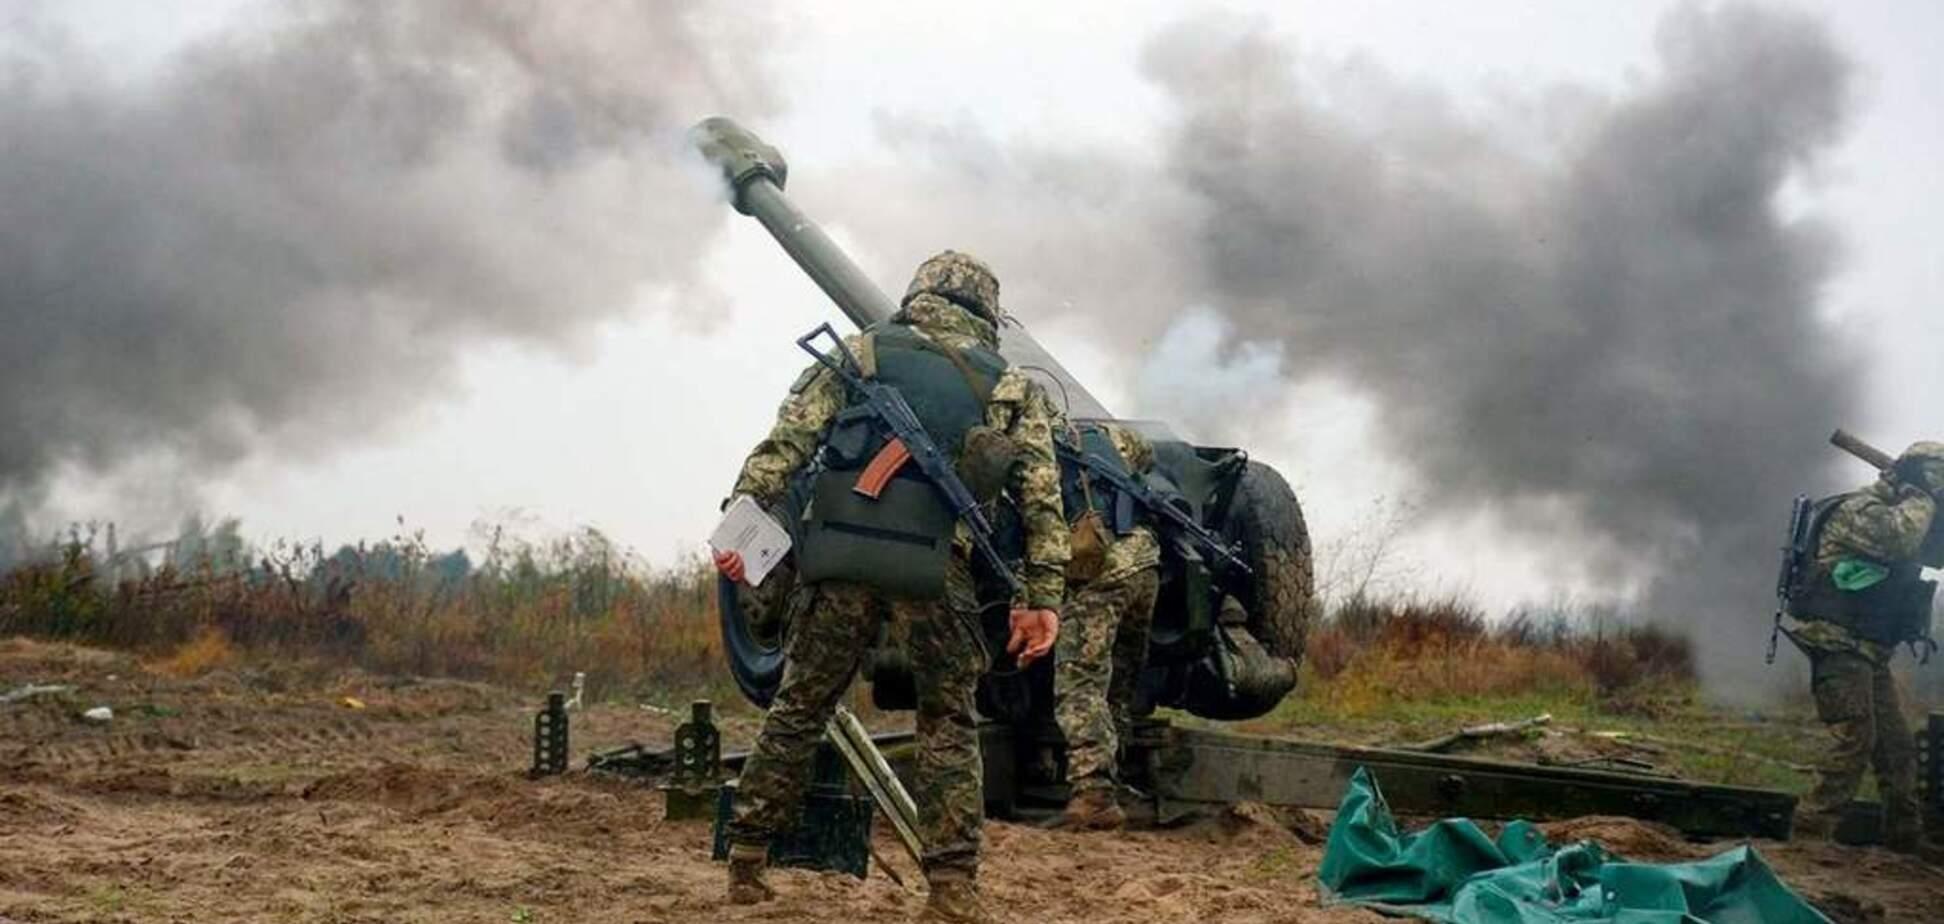 На Донбассе выпустили ракету по украинским военным: убит капеллан, много раненых